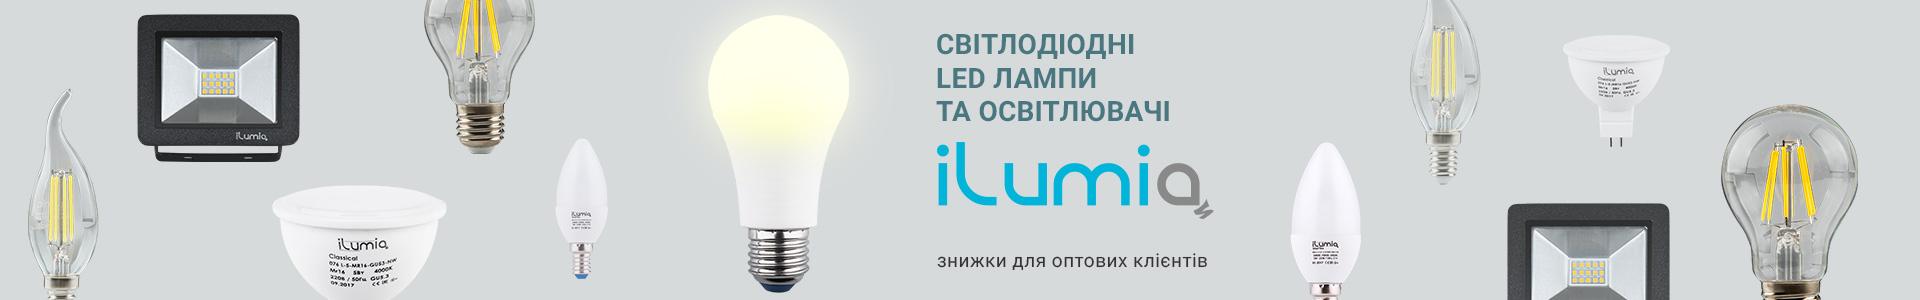 Світлодіодні LED лампи та освітлювачі